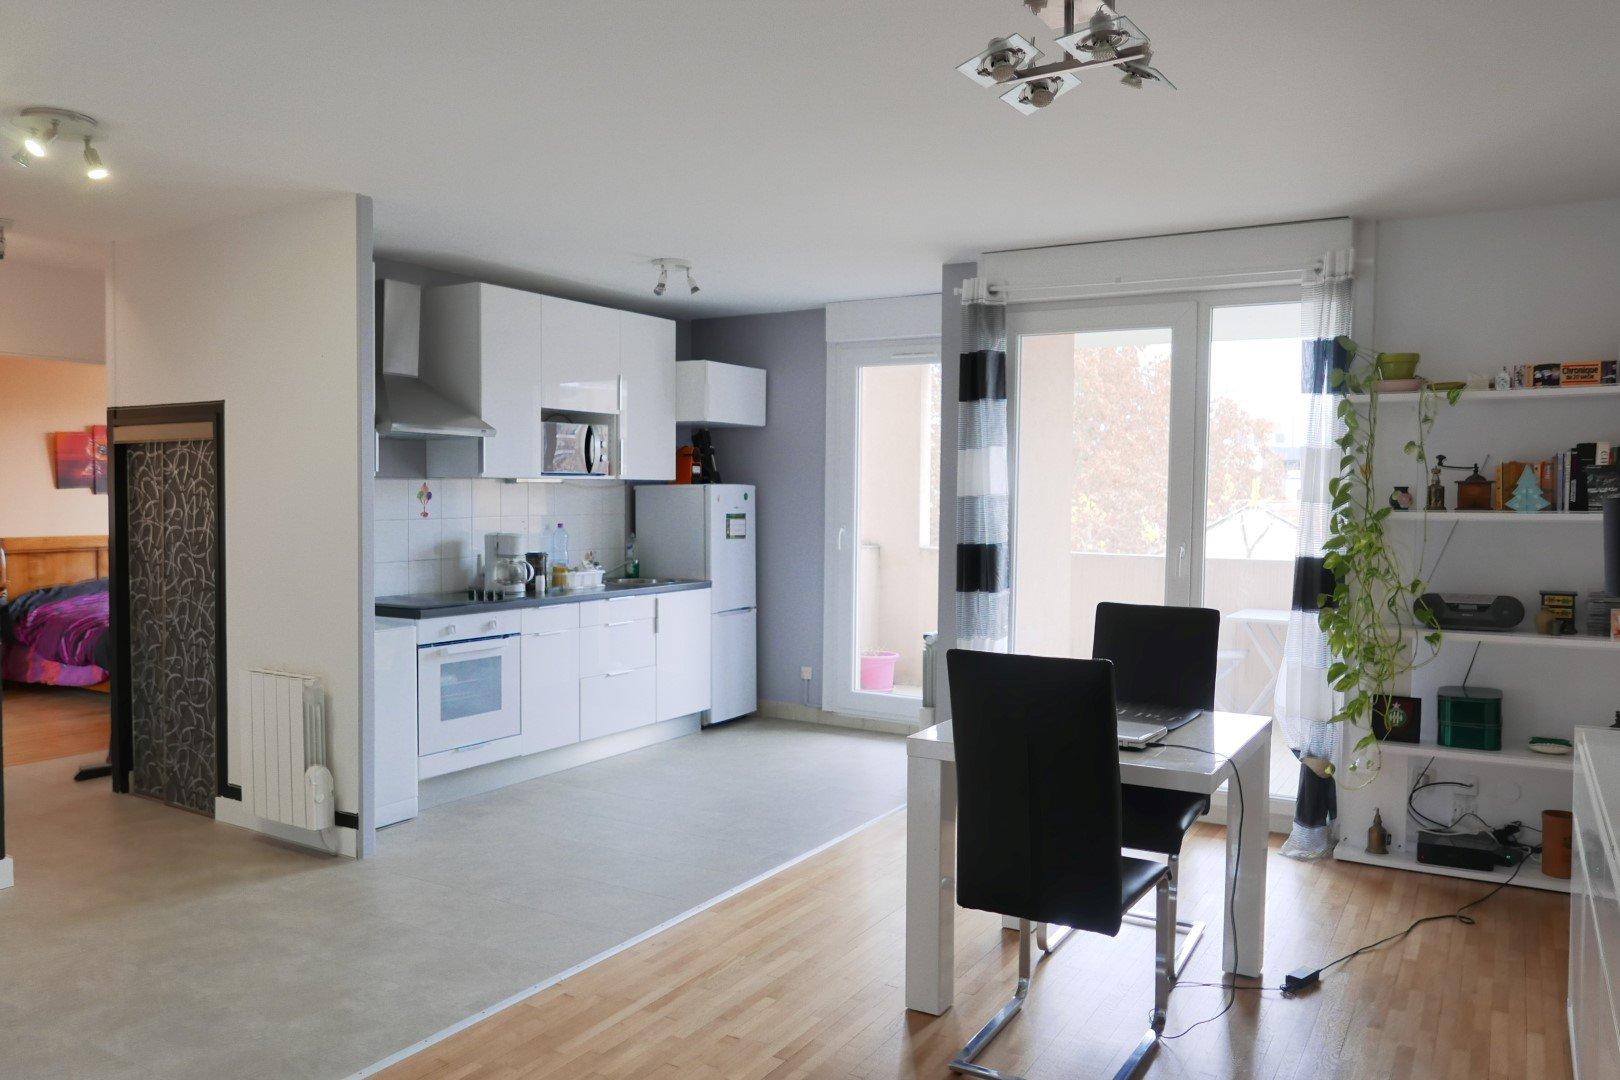 Achat Appartement Surface de 56.04 m², 2 pièces, Villeurbanne (69100)